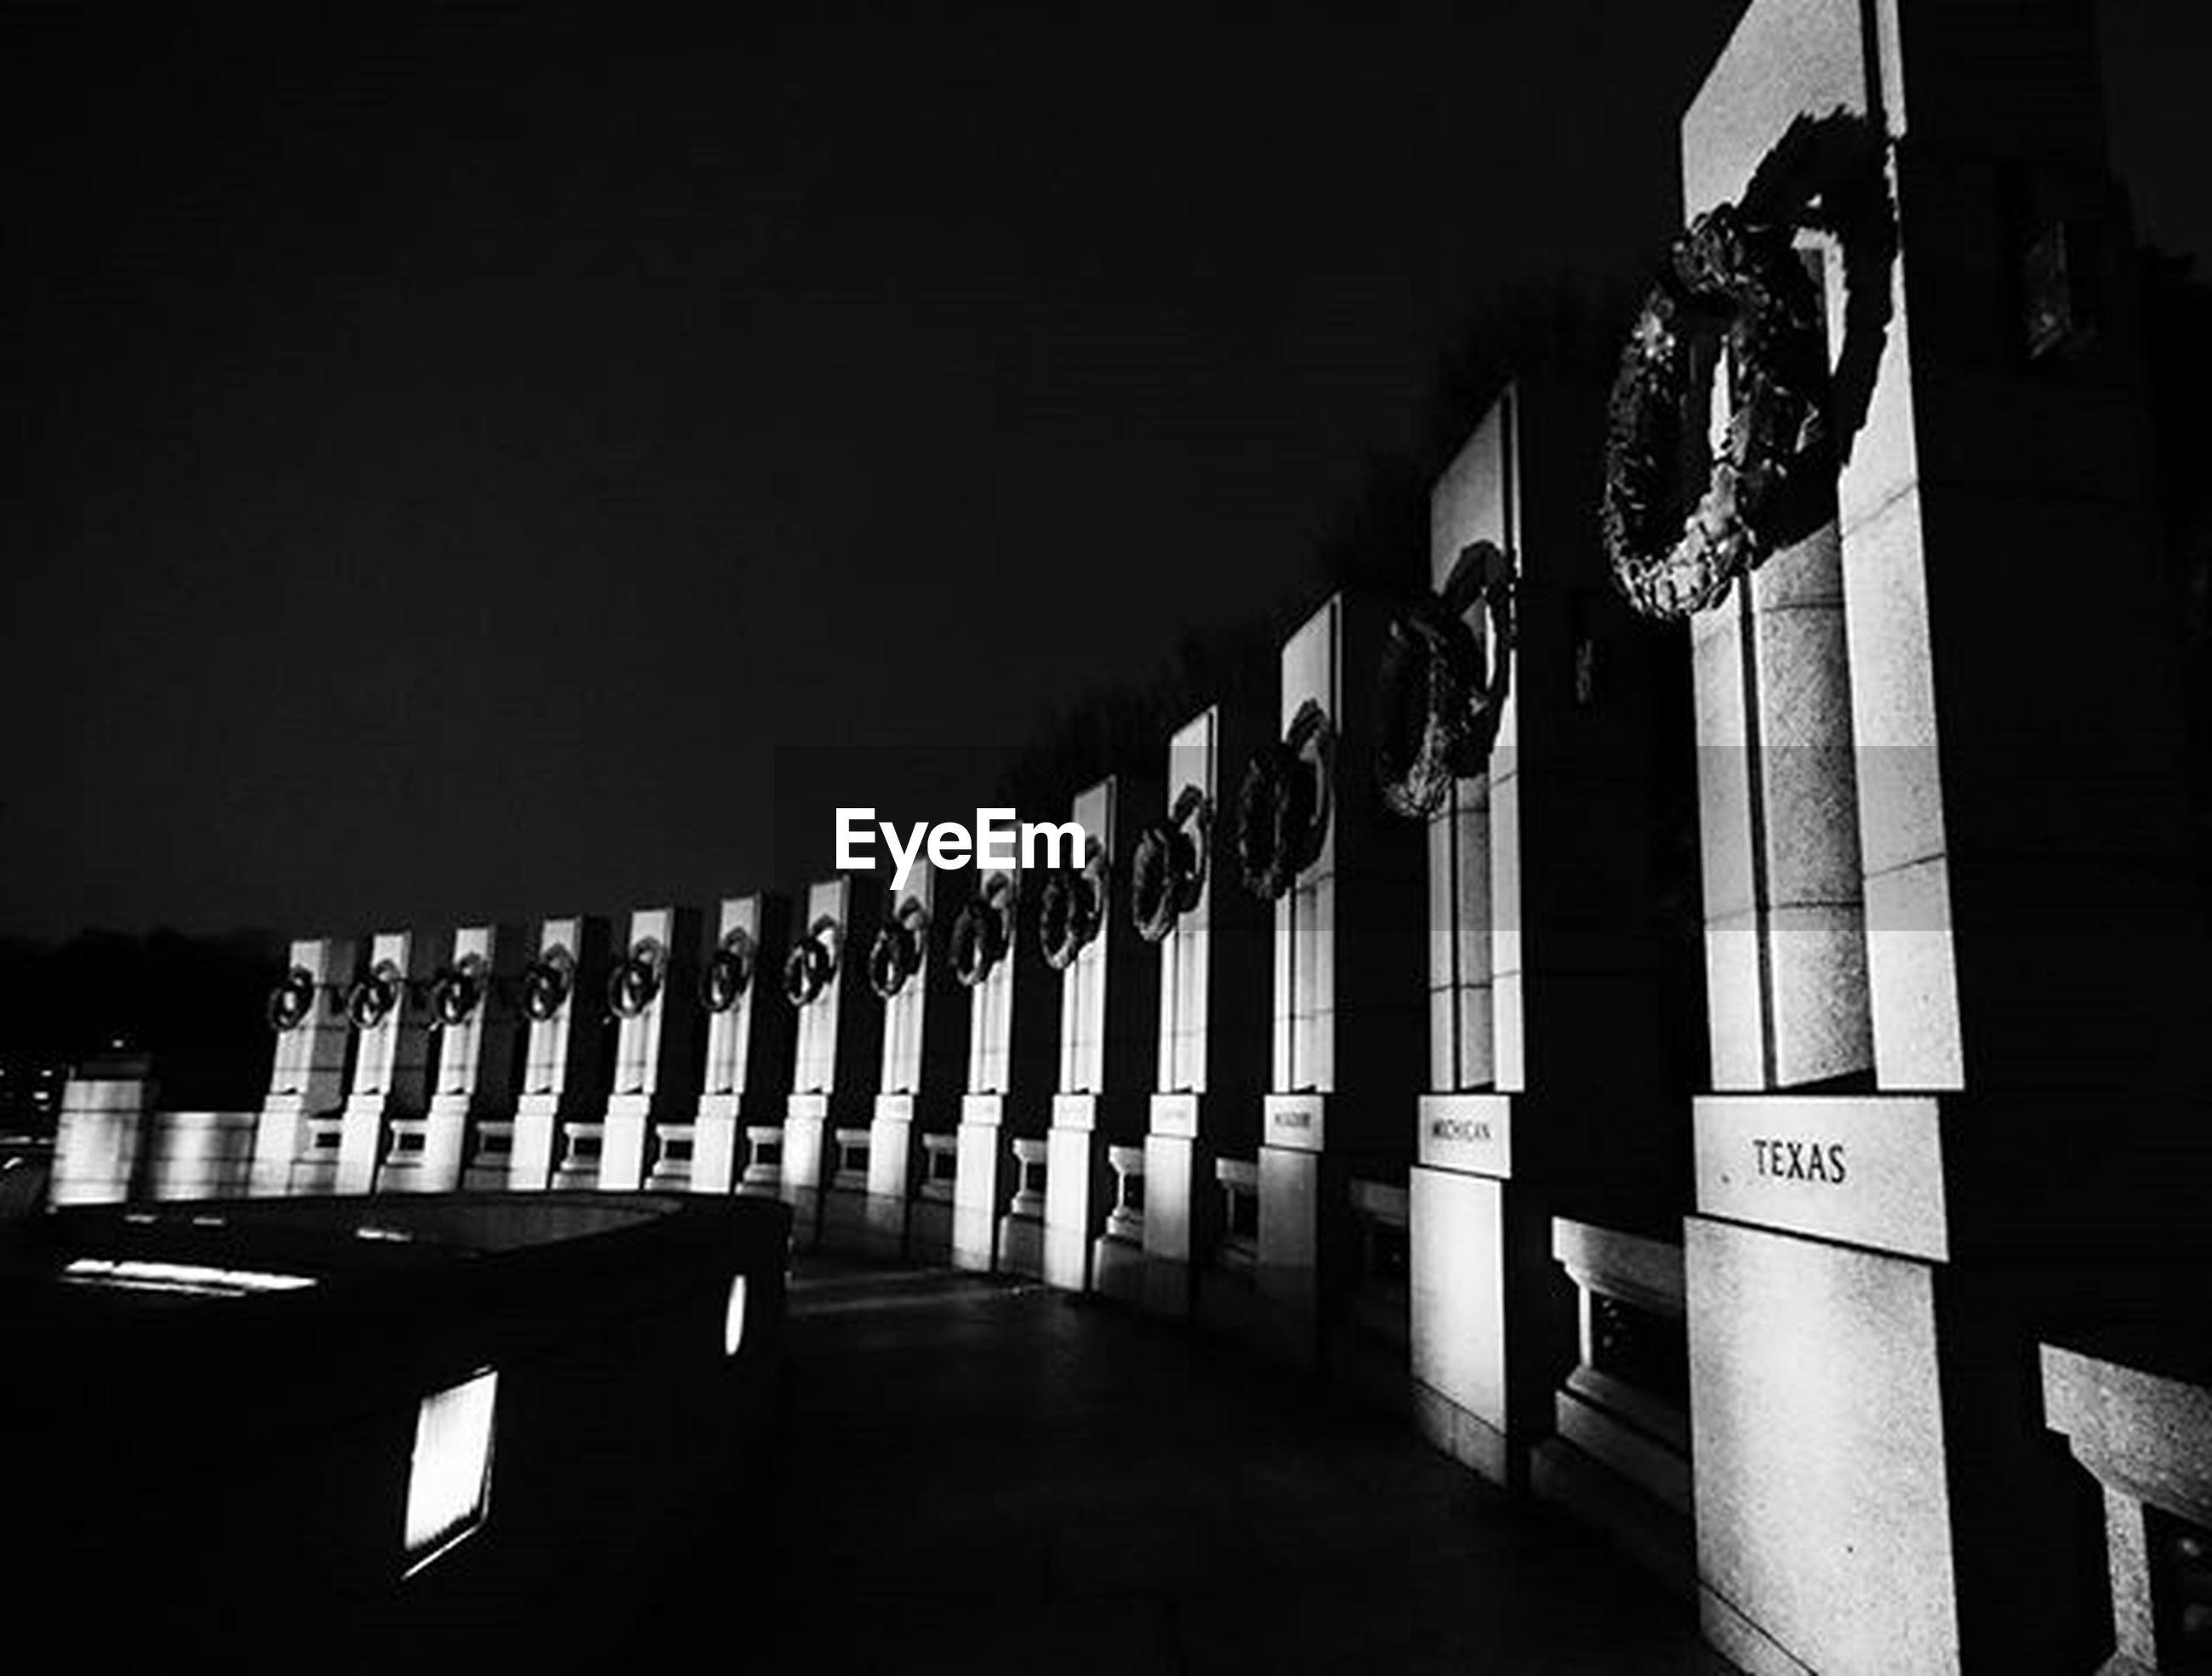 VIEW OF ILLUMINATED LIGHTS